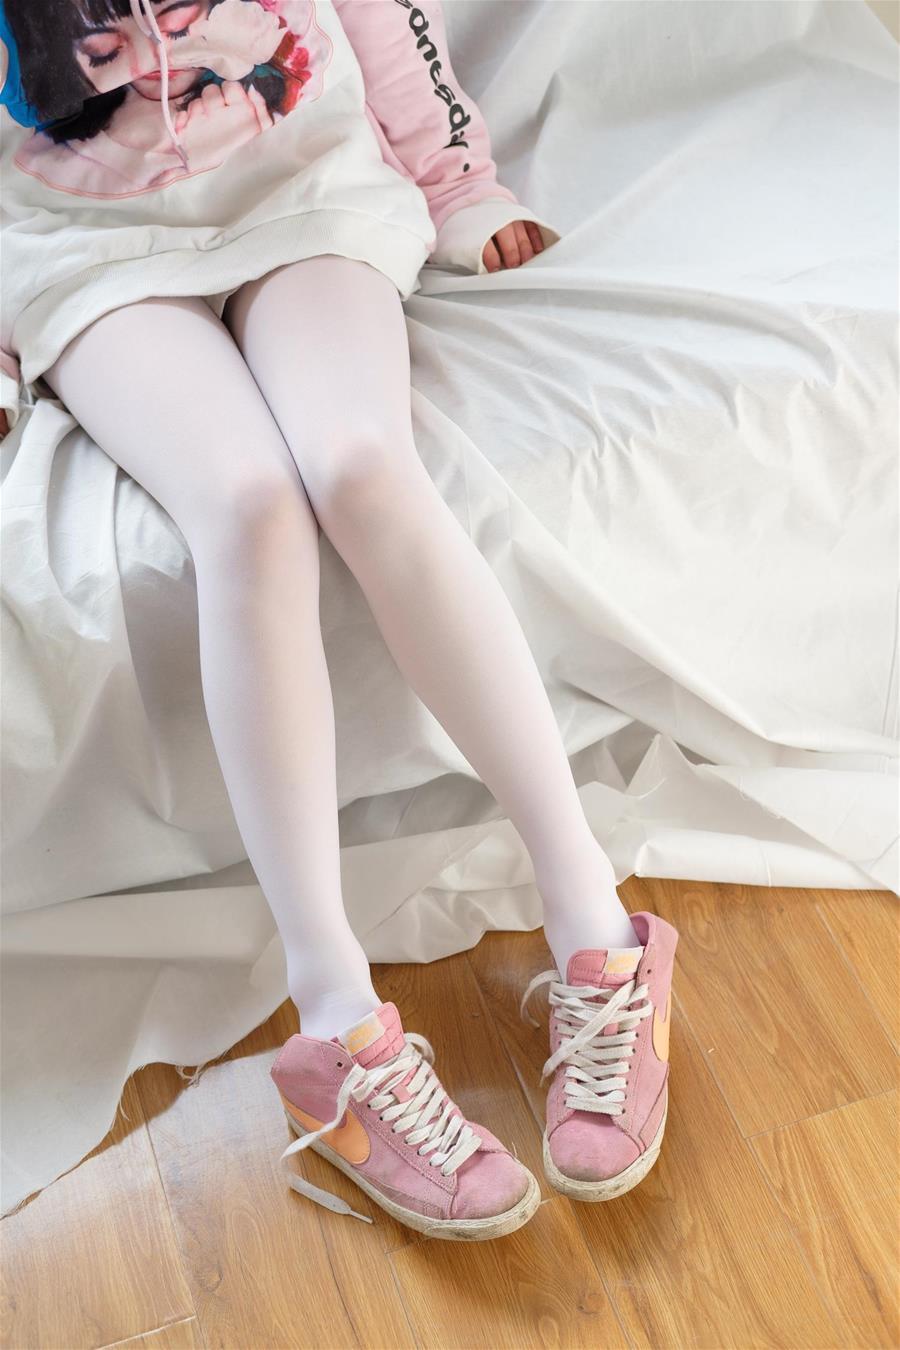 森萝财团 X-009 粉嫩粉嫩的丝秀 [120P1V-1.49GB] 森萝财团-第1张